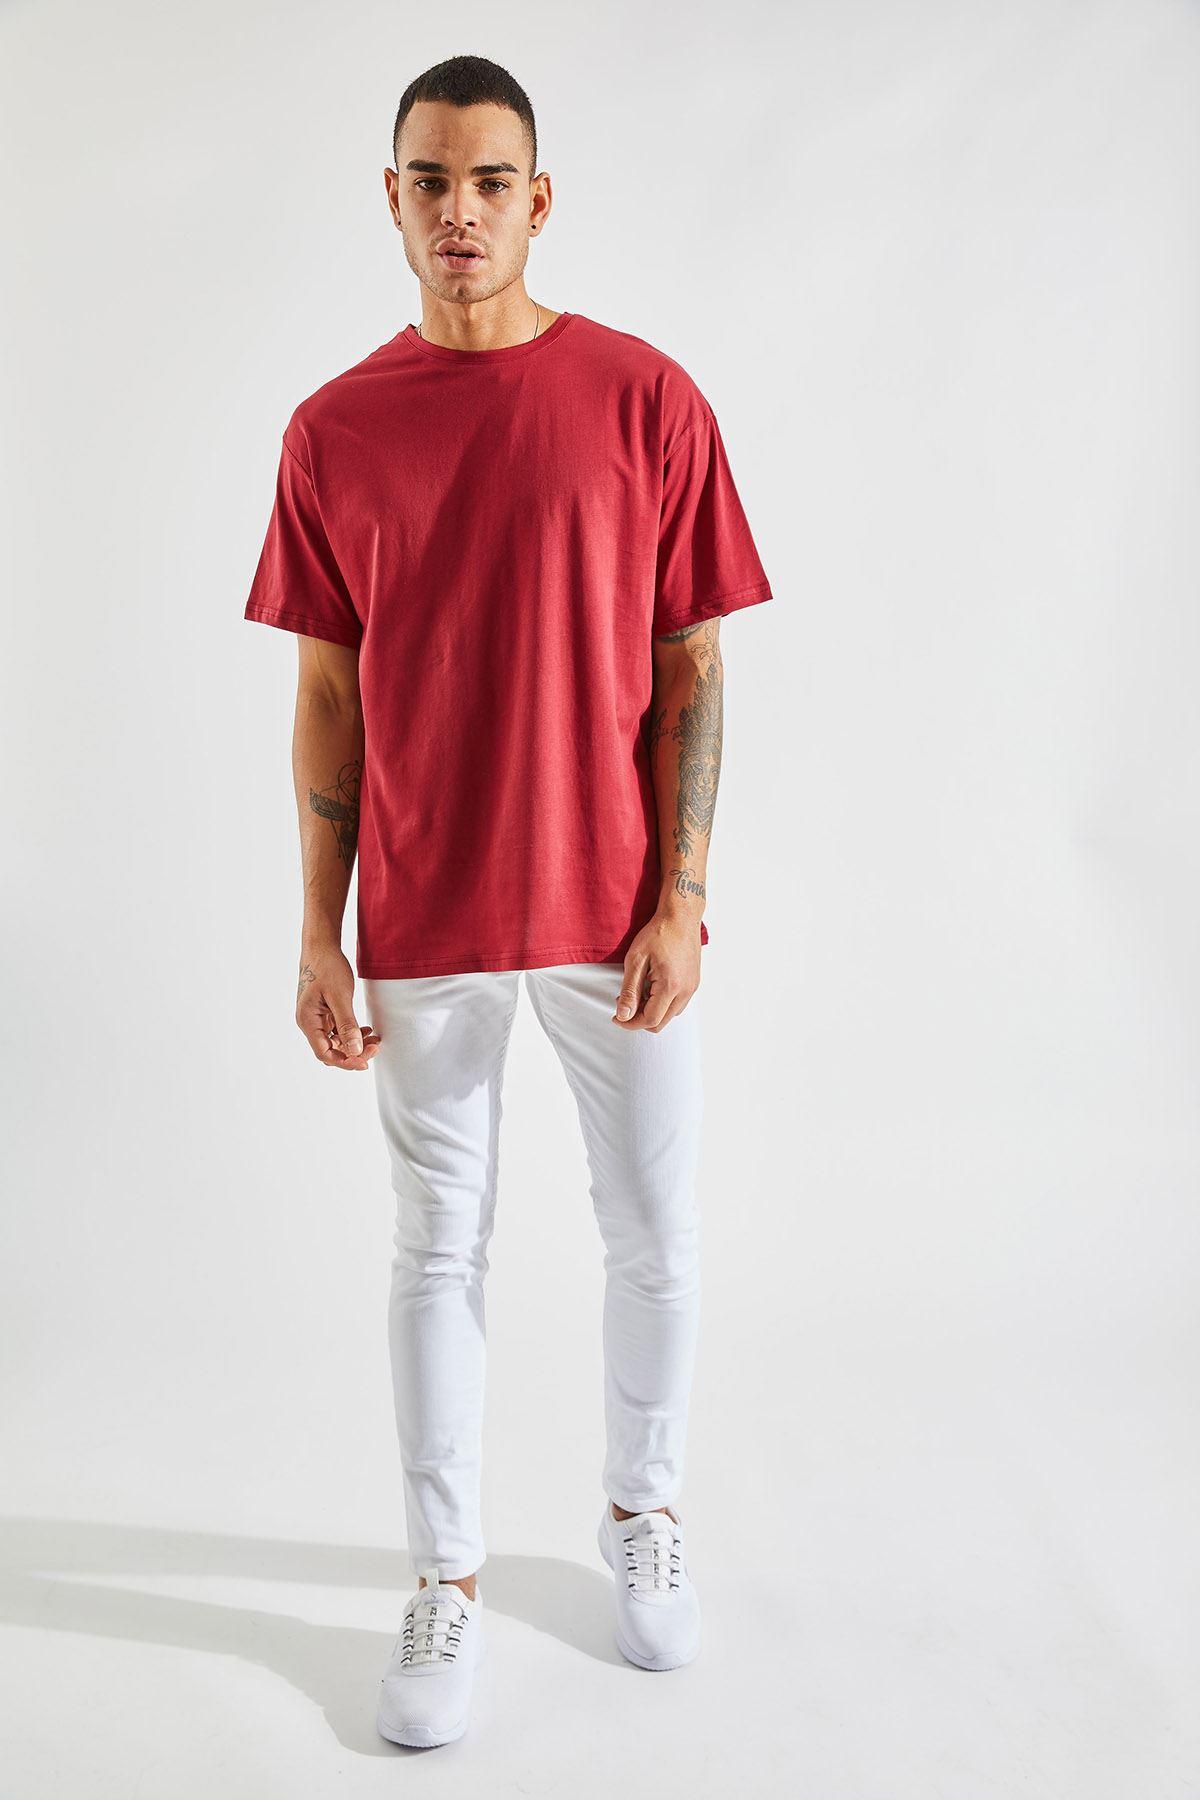 Erkek Oversize Bordo Tişört